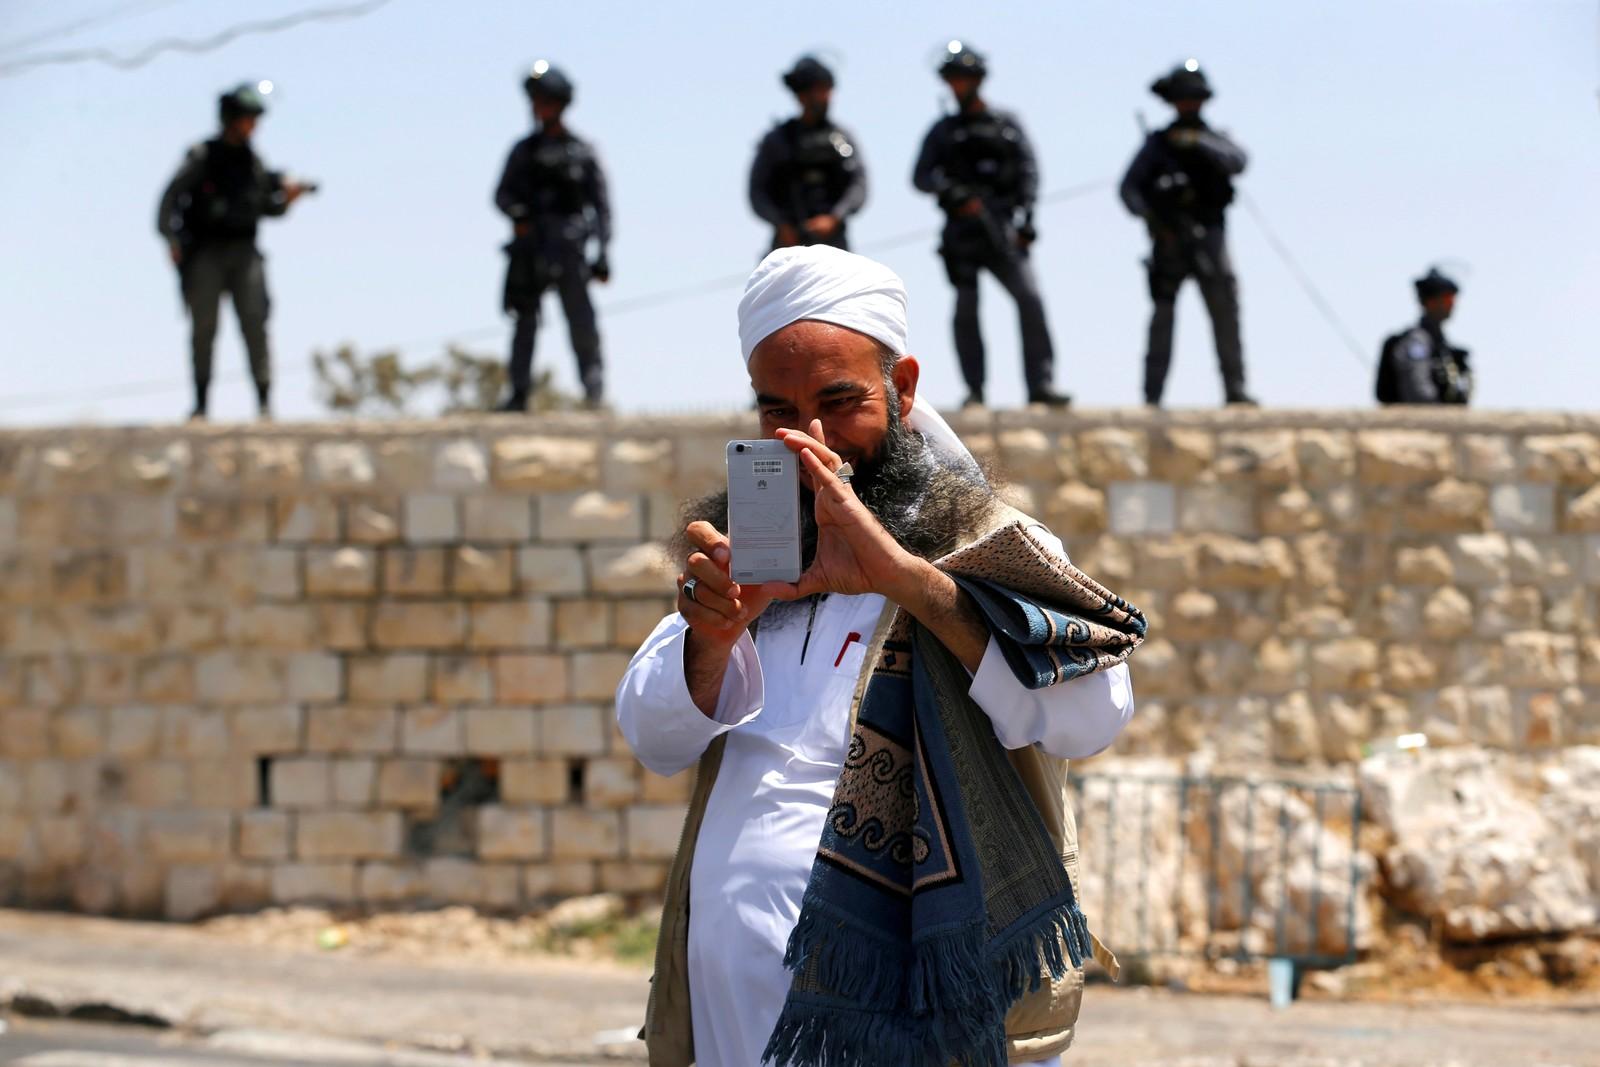 En palestinsk mann, en mobil og israelske grensevakter utenfor Jerusalem.